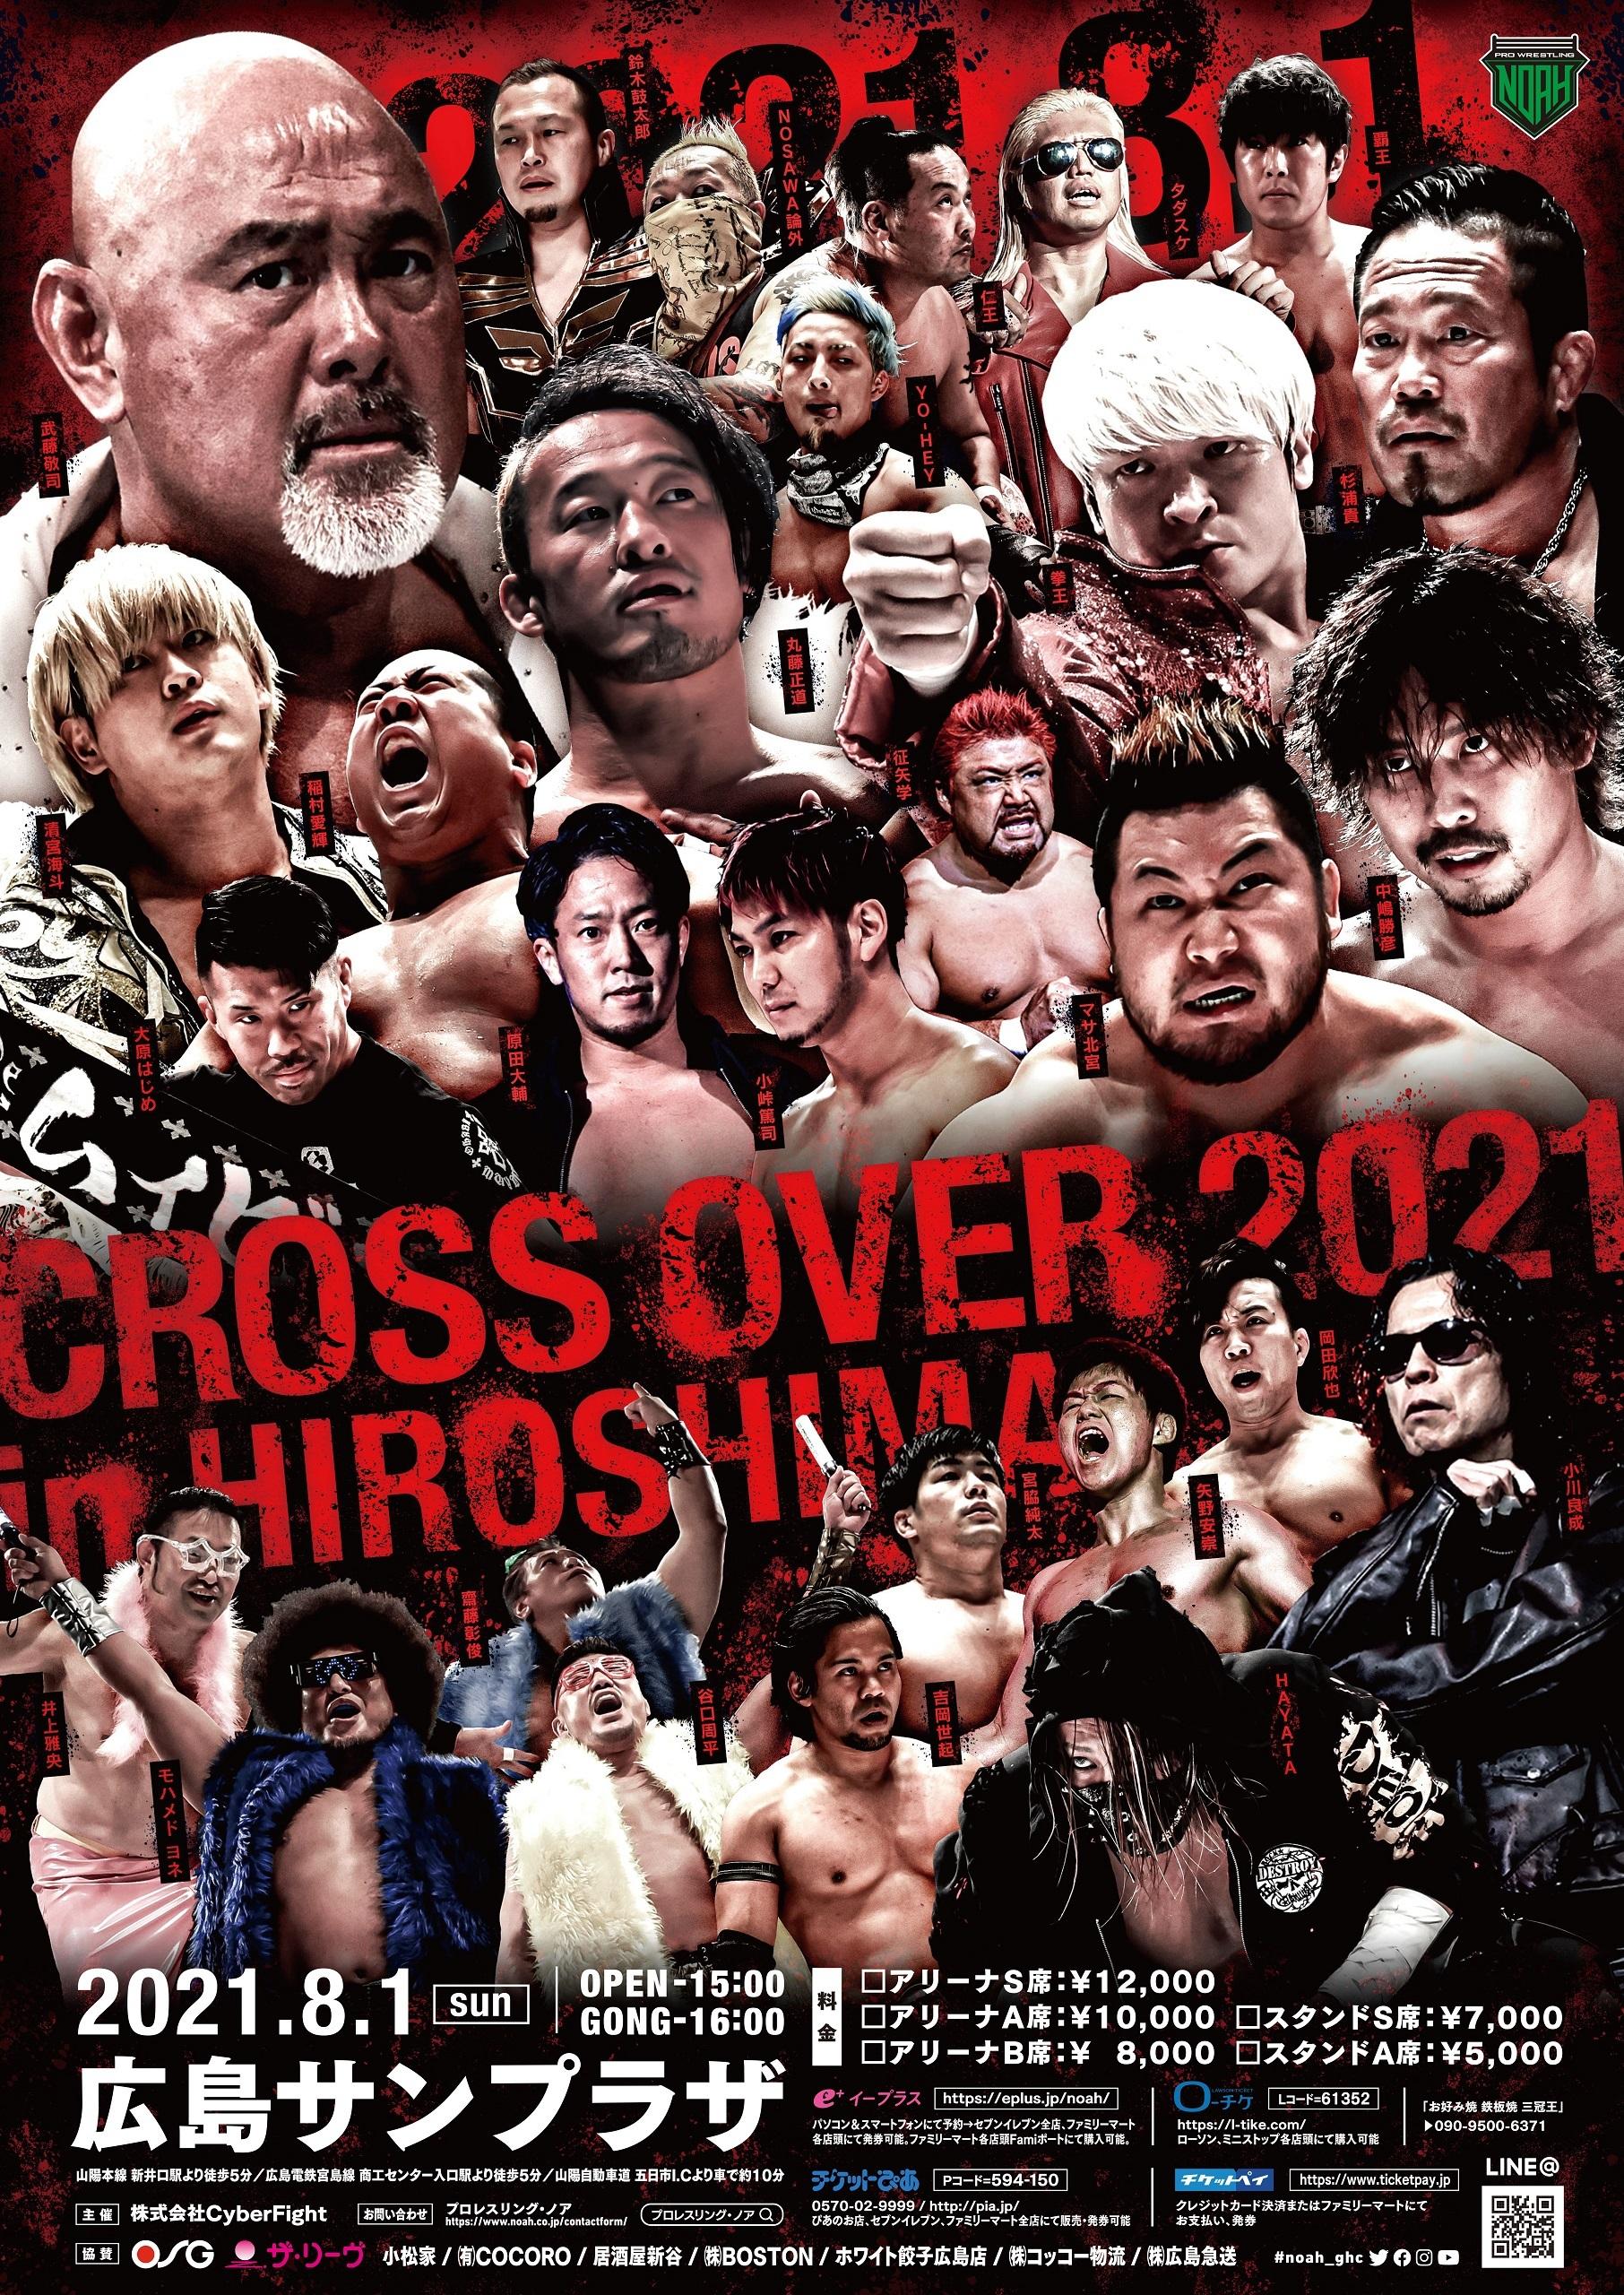 プロレスリング・ノアは8月1日(日)に『CROSS OVER 2021 in HIROSHIMA』を開催 ※稲村愛輝選手はZERO1の火祭り2021に専念するため欠場